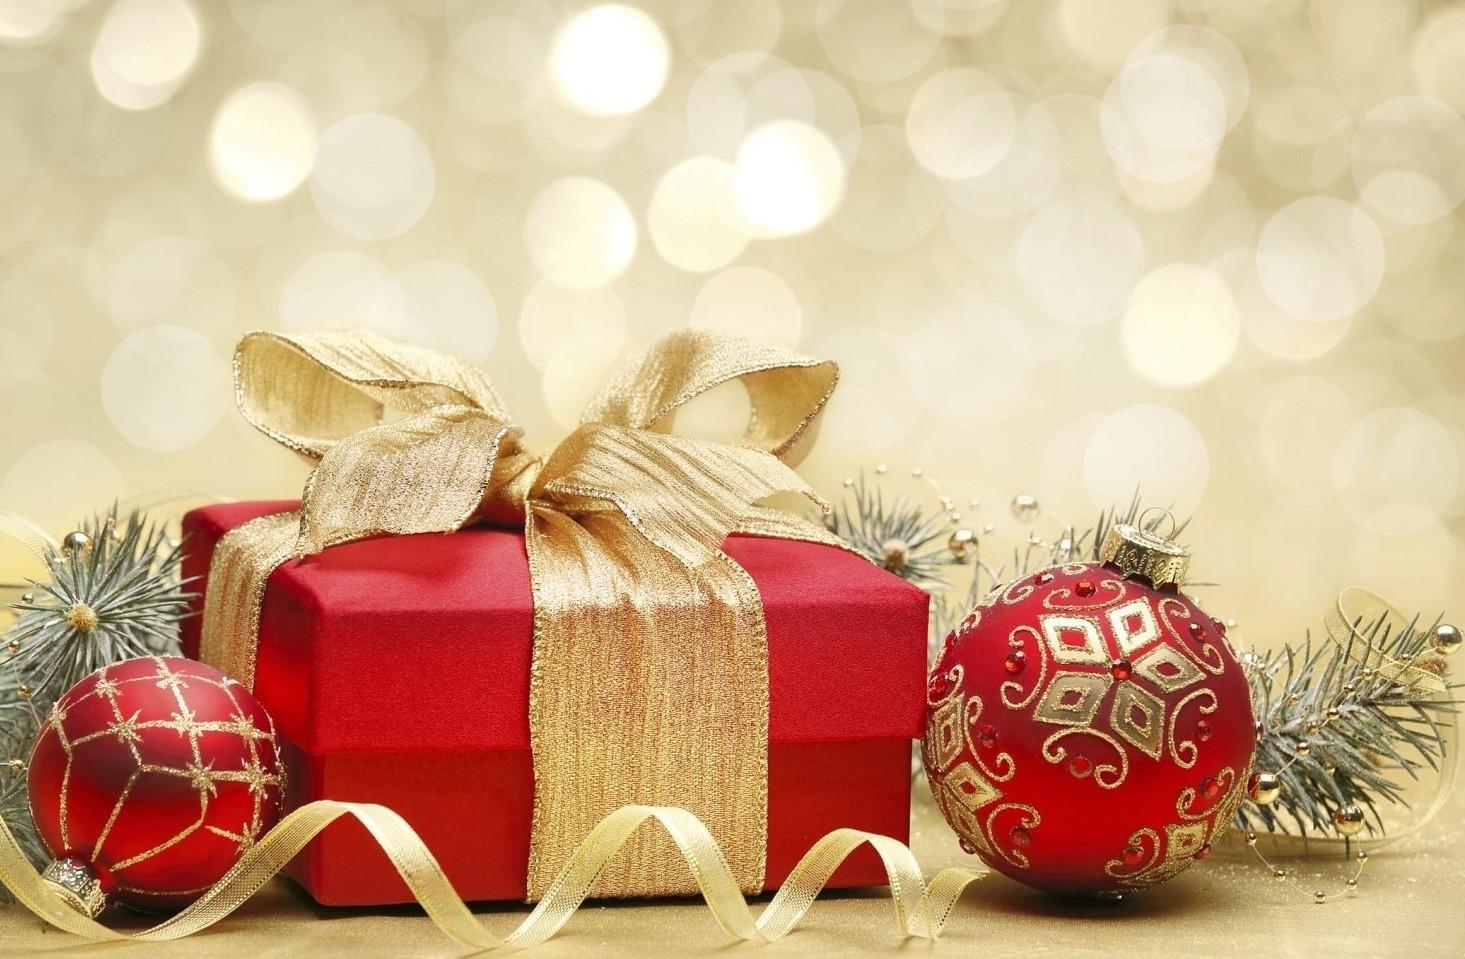 Idee Regali Di Natale Per Bambini.Idee Regalo Natale Per Bambino E Bambina Di 6 Anni Businessonline It